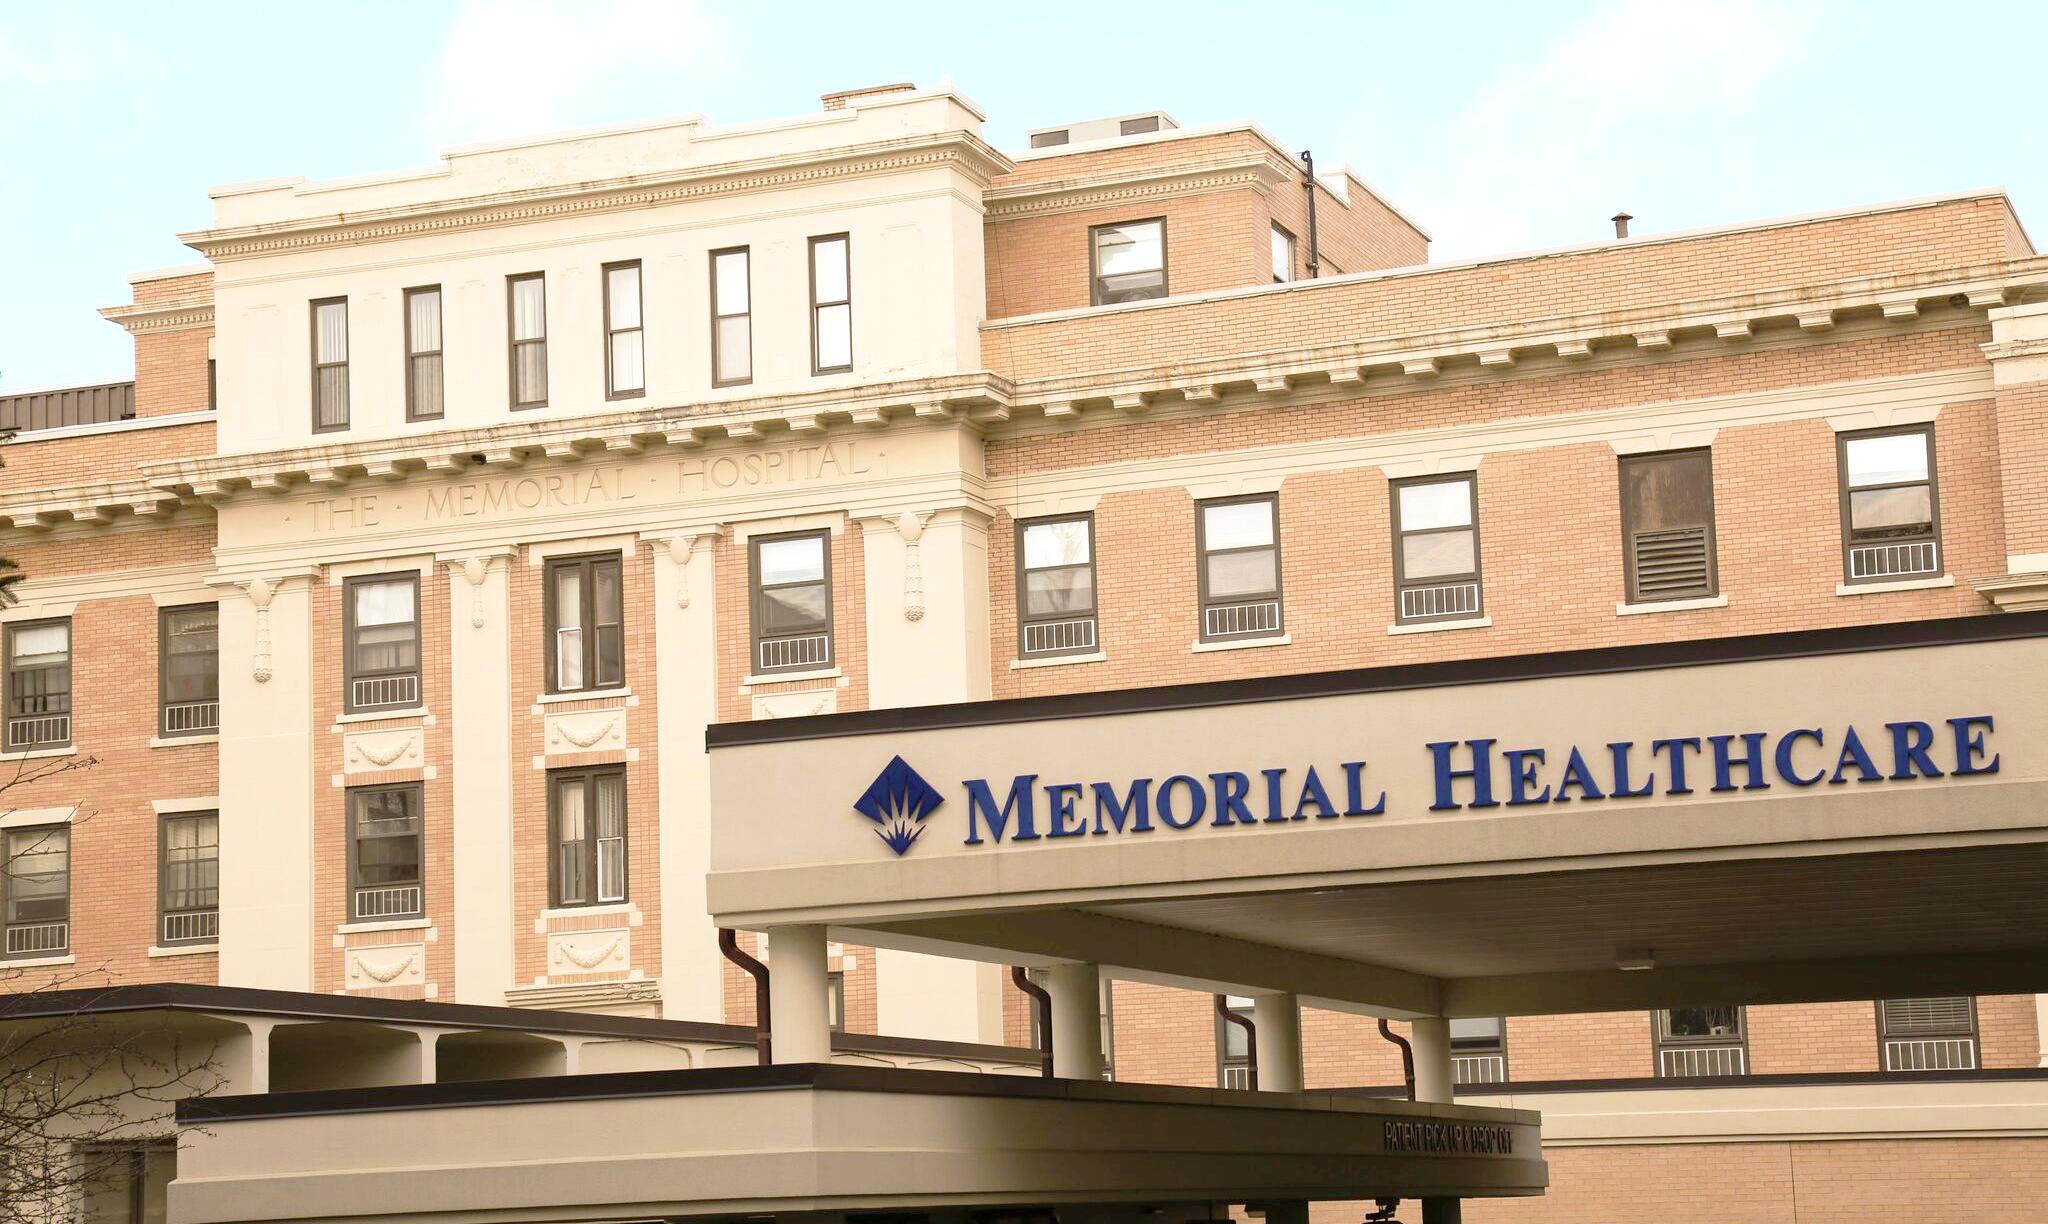 Memorial Healthcare Foundation Memorial Healthcare